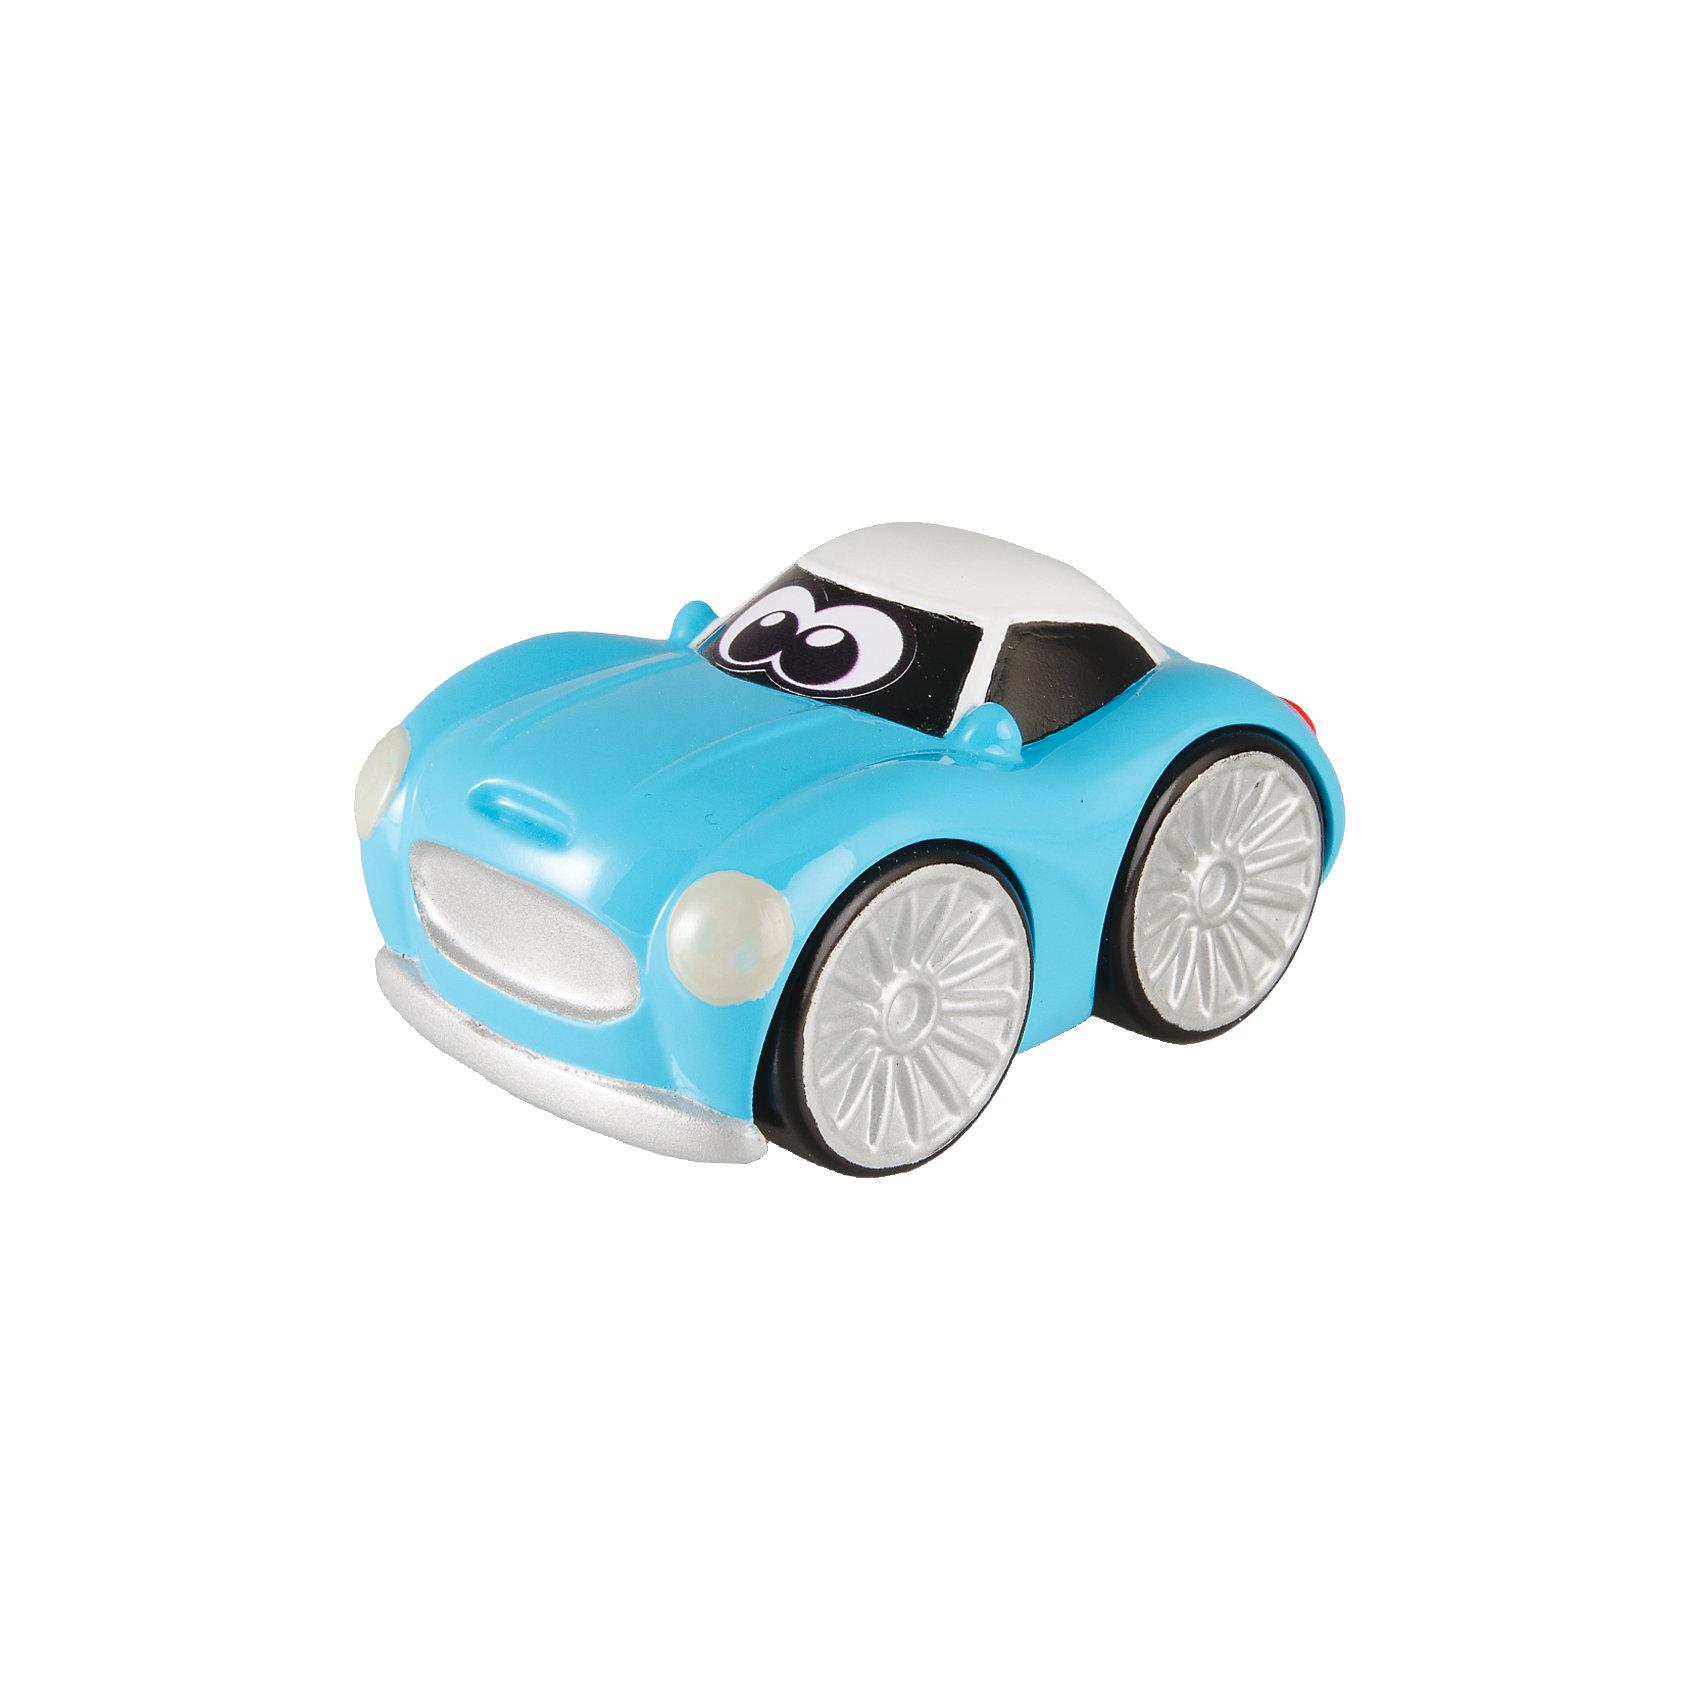 CHICCO Мини-машинка Turbo Touch Stevie Stunt, голубая, Chicco автодома на колесах бу купить в испании